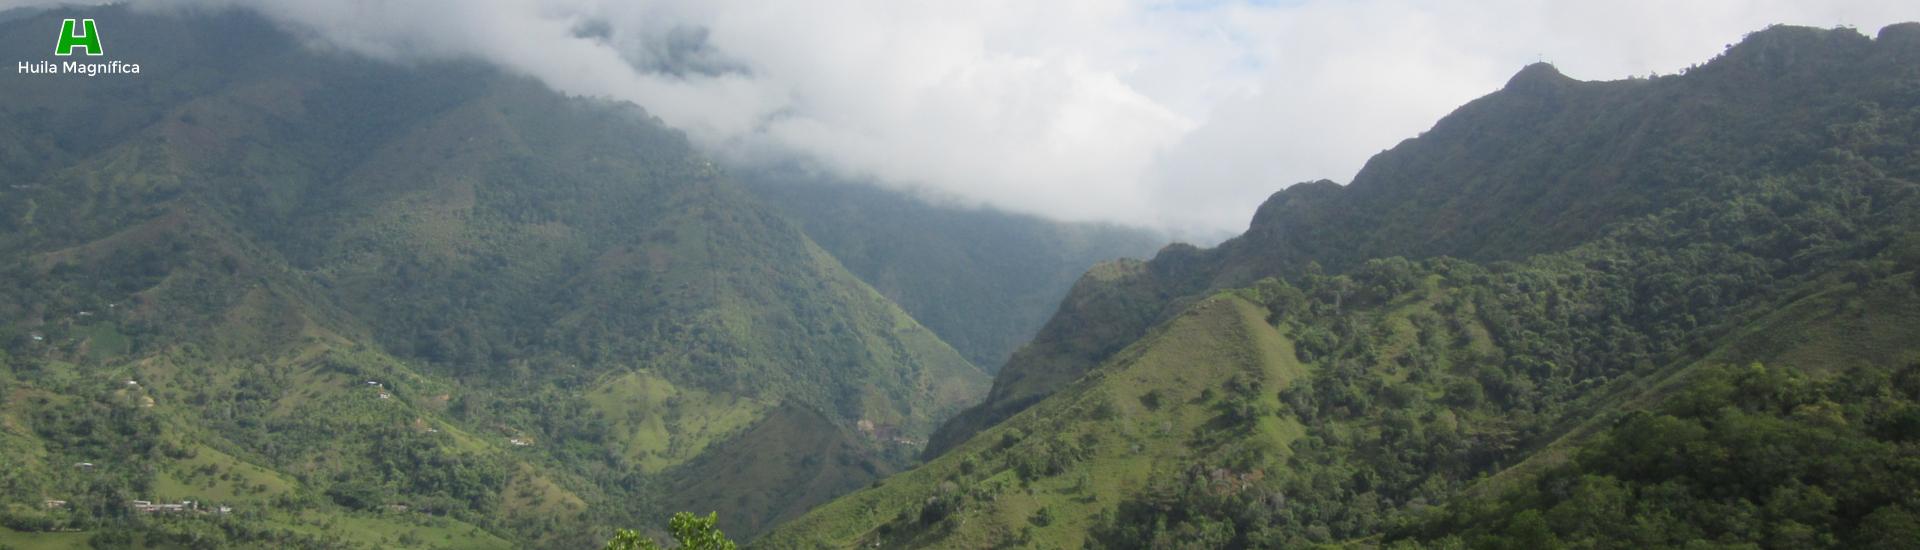 El Cerro de la Cruz - Santa María - Huila Magnífica (Slider)